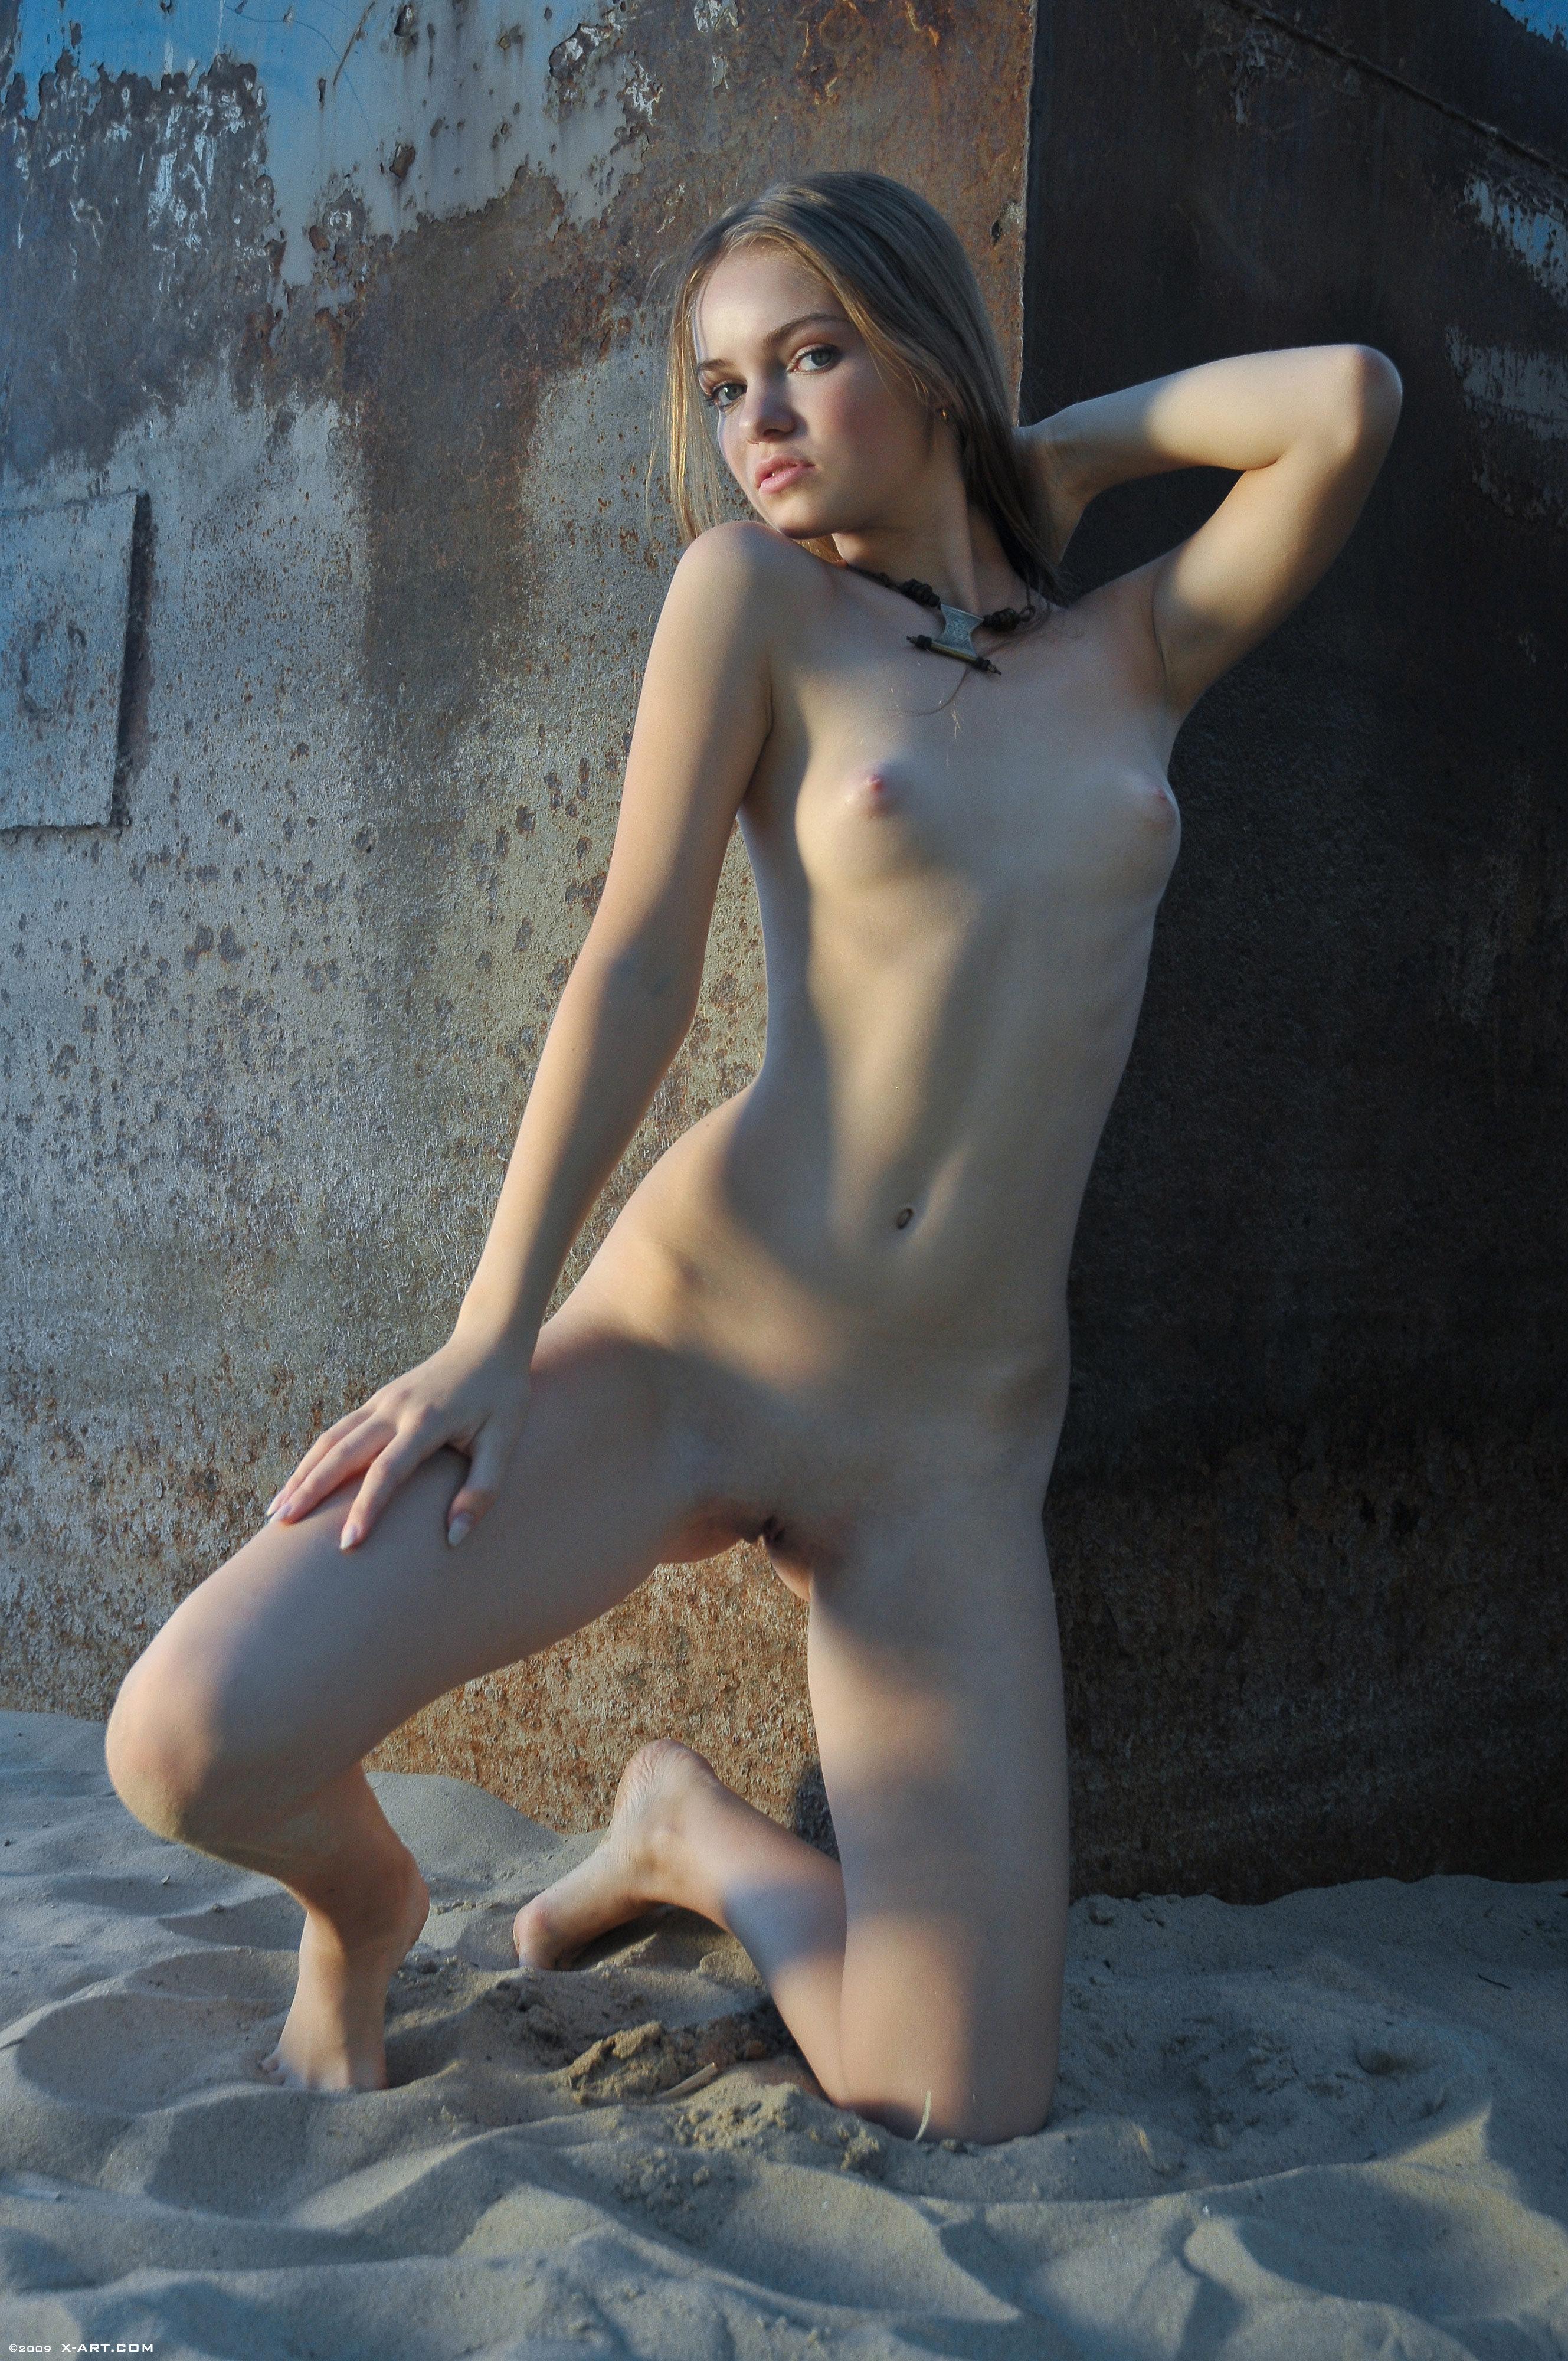 indian girls ass fucking photos